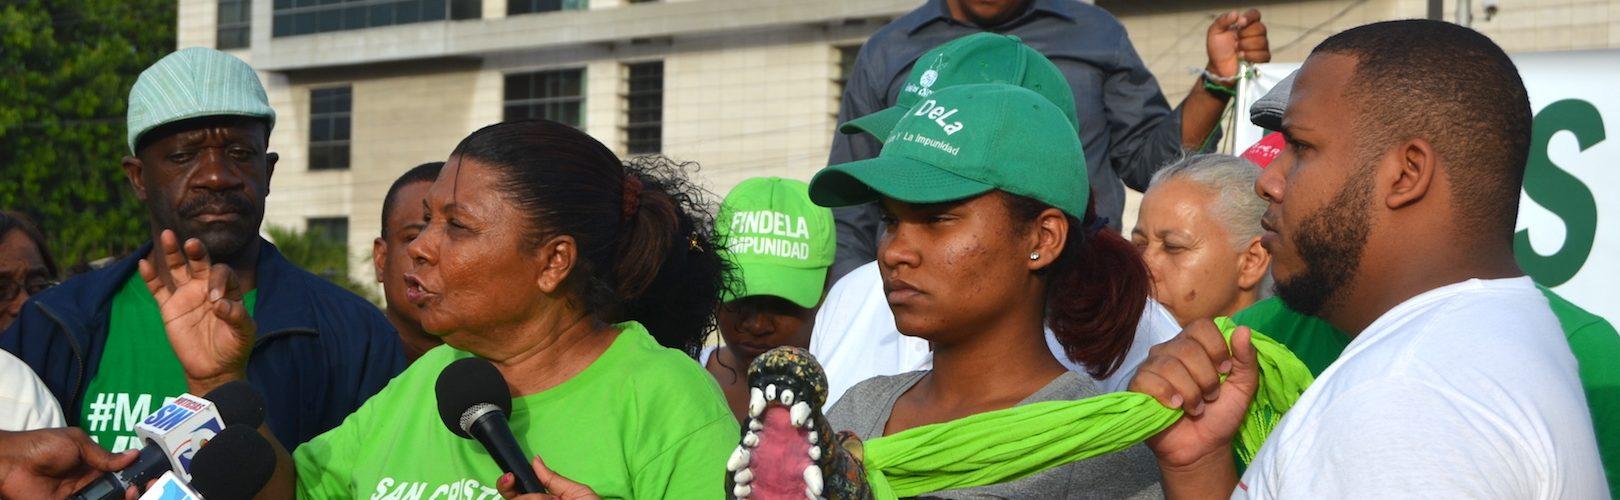 Culpan PLD de males afectan país